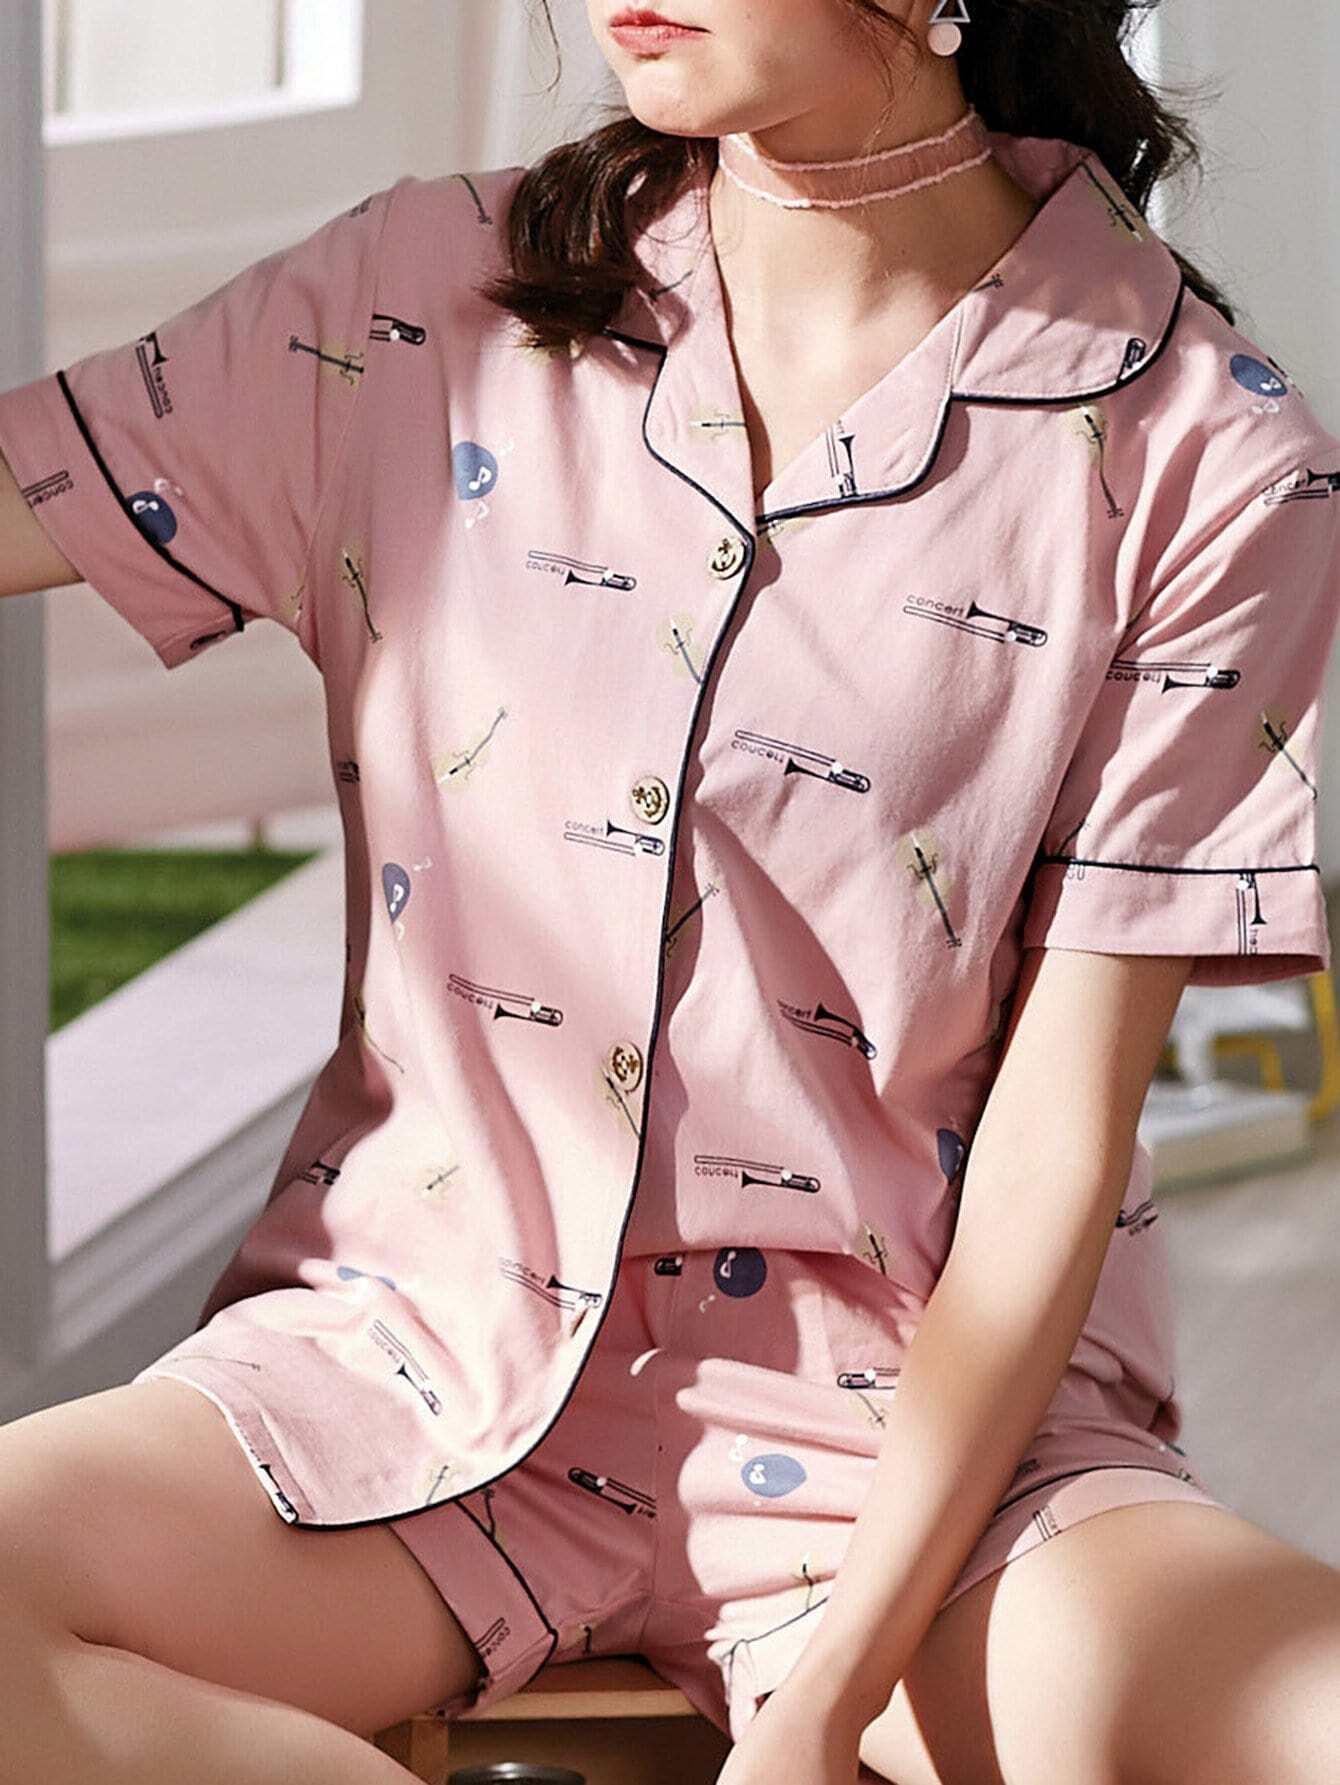 Купить Комплект пижамы рубашка с принтом мультики и шорты, null, SheIn